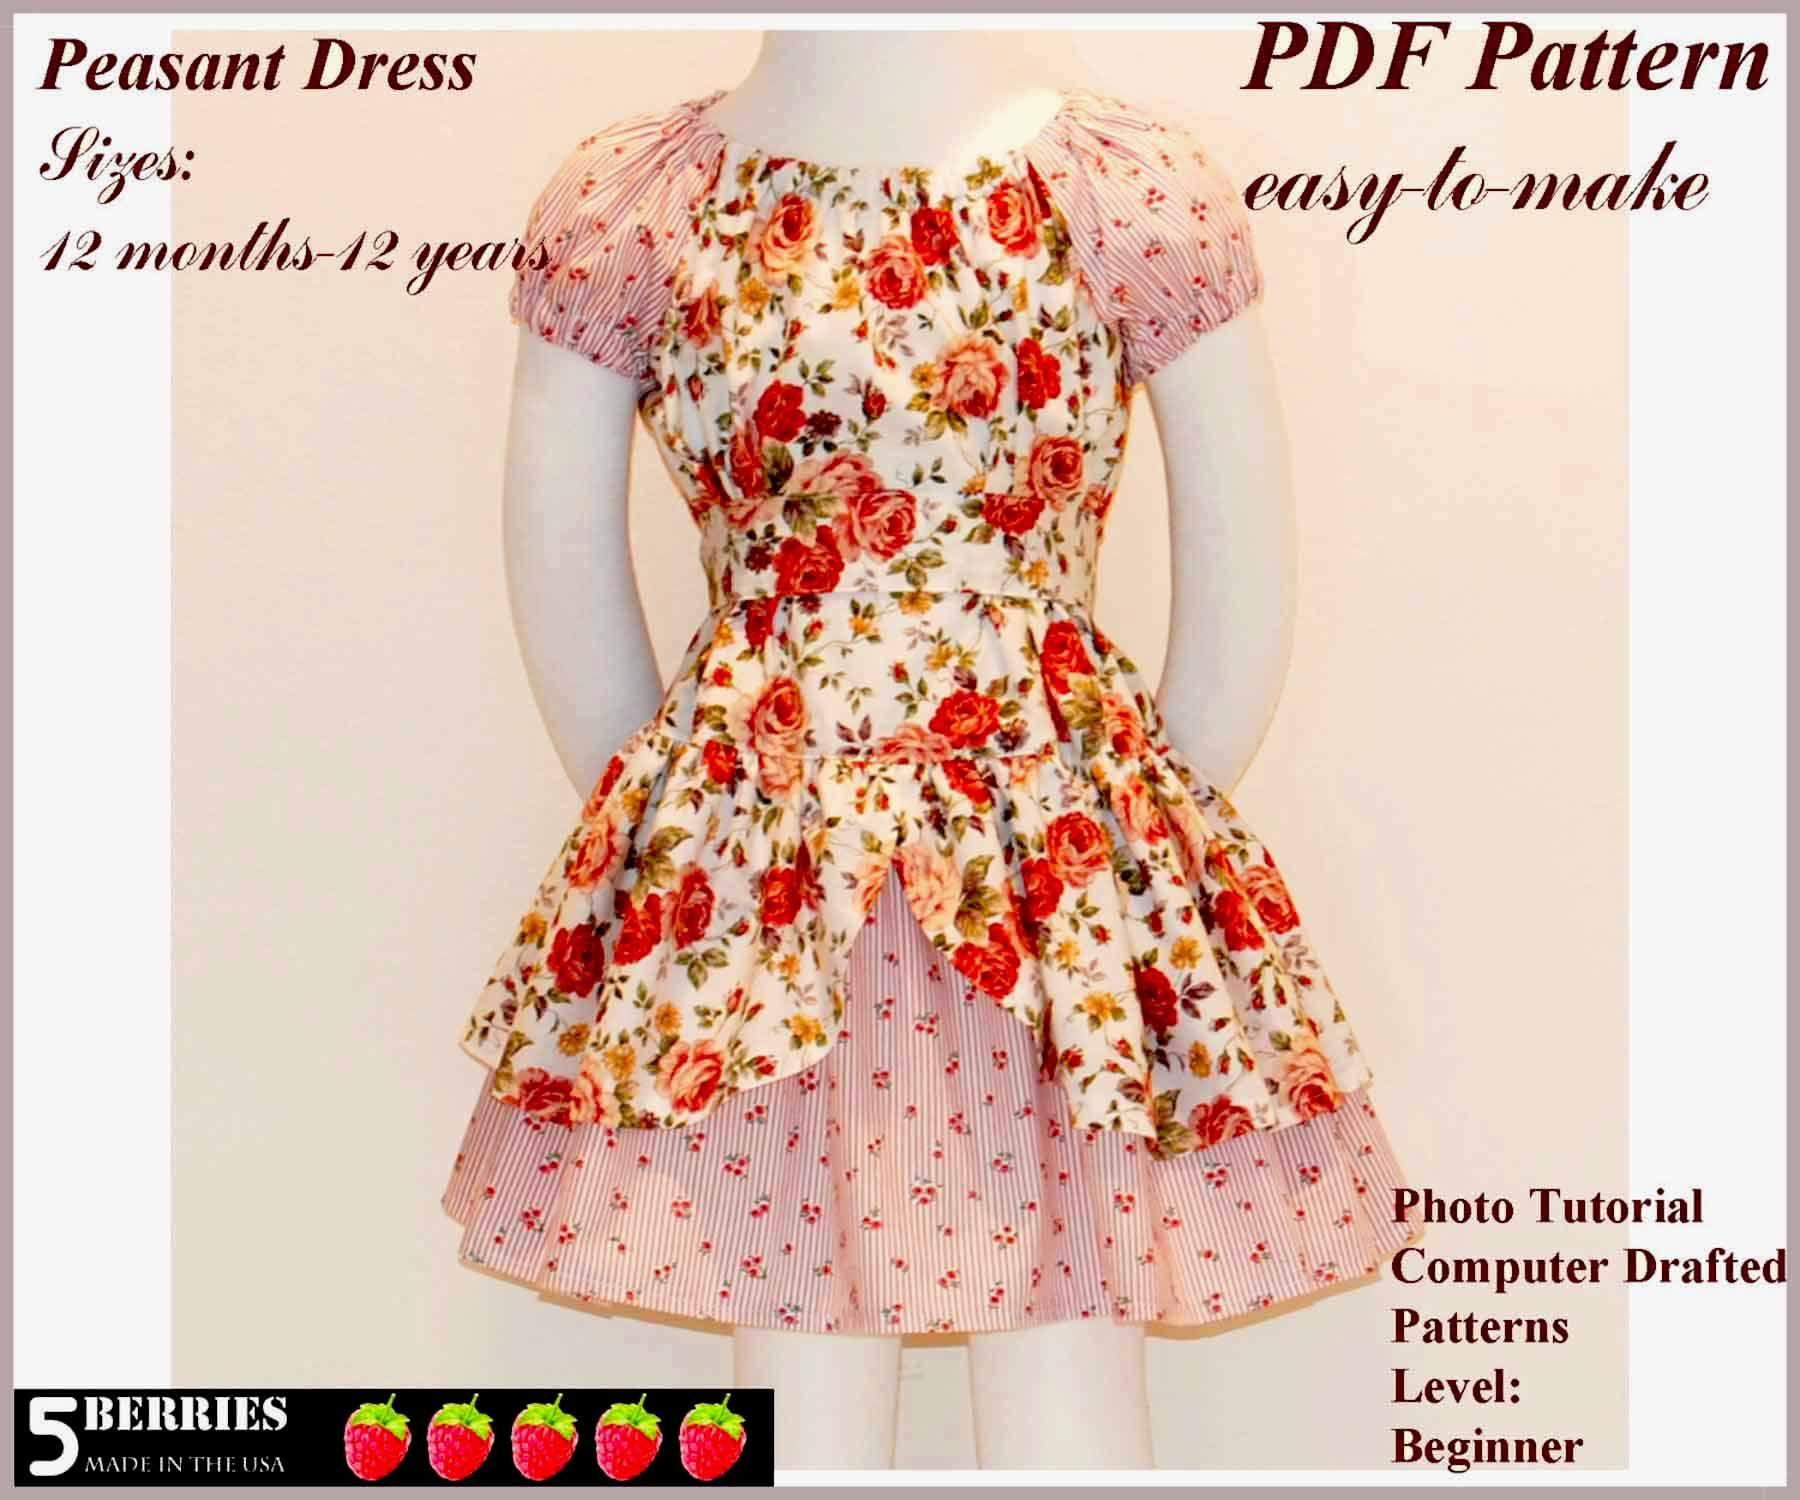 Free Printable Sewing Patterns | Alexandra Girls Dress Sewing - Free Printable Toddler Dress Patterns